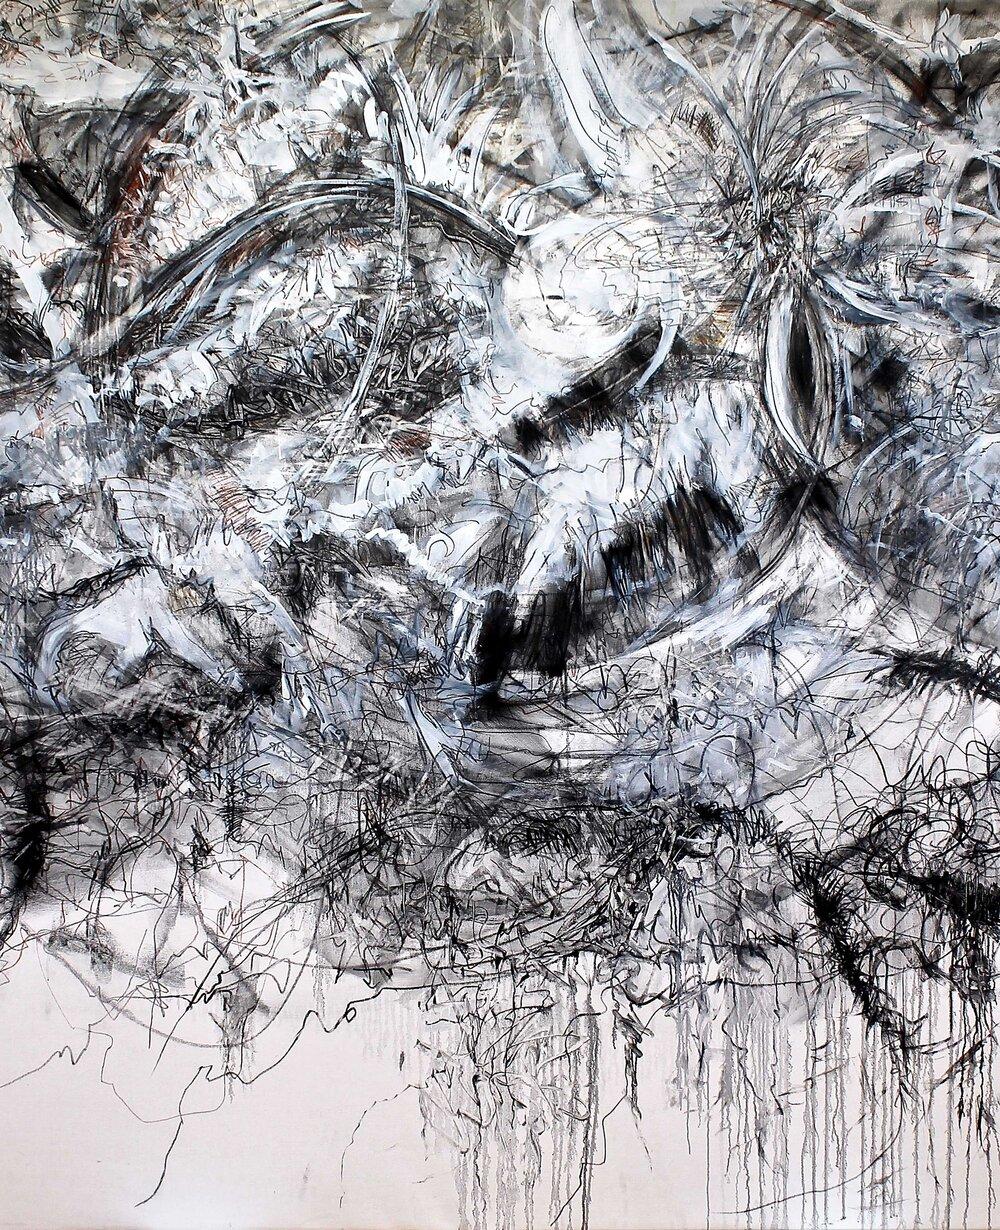 Metamorphosis, 2014